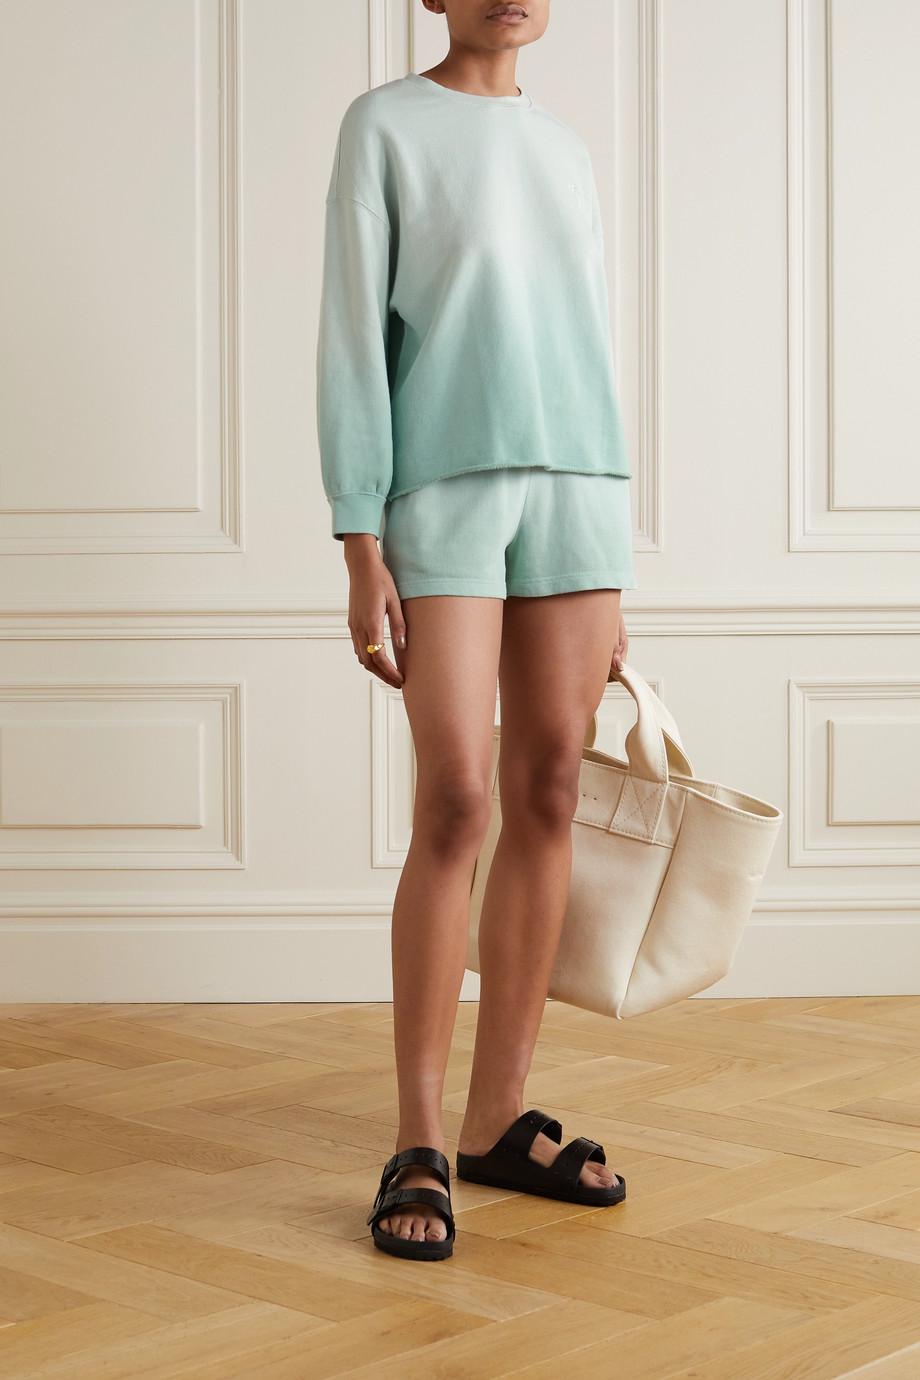 Rails Reeves Jane Set aus Sweatshirt und Shorts aus Jersey aus einer Baumwollmischung mit Farbverlauf